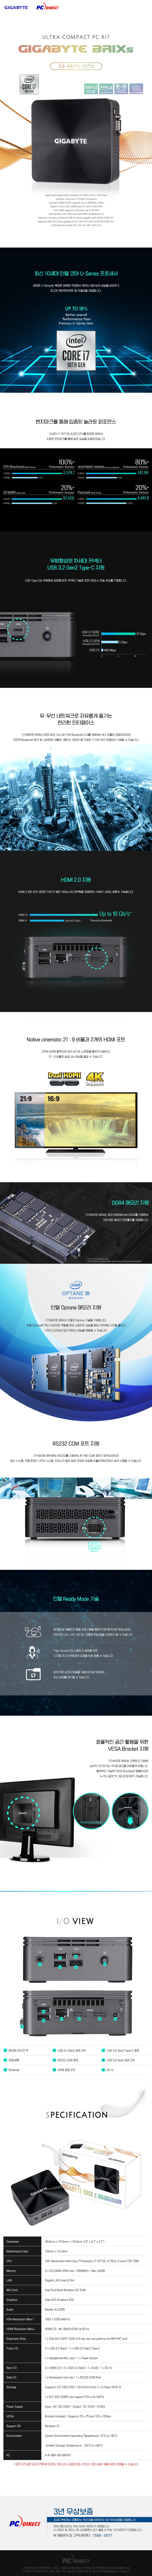 GIGABYTE BRIX GB-BRi7H-10710 SSD 피씨디렉트 (8GB, SSD 240GB)